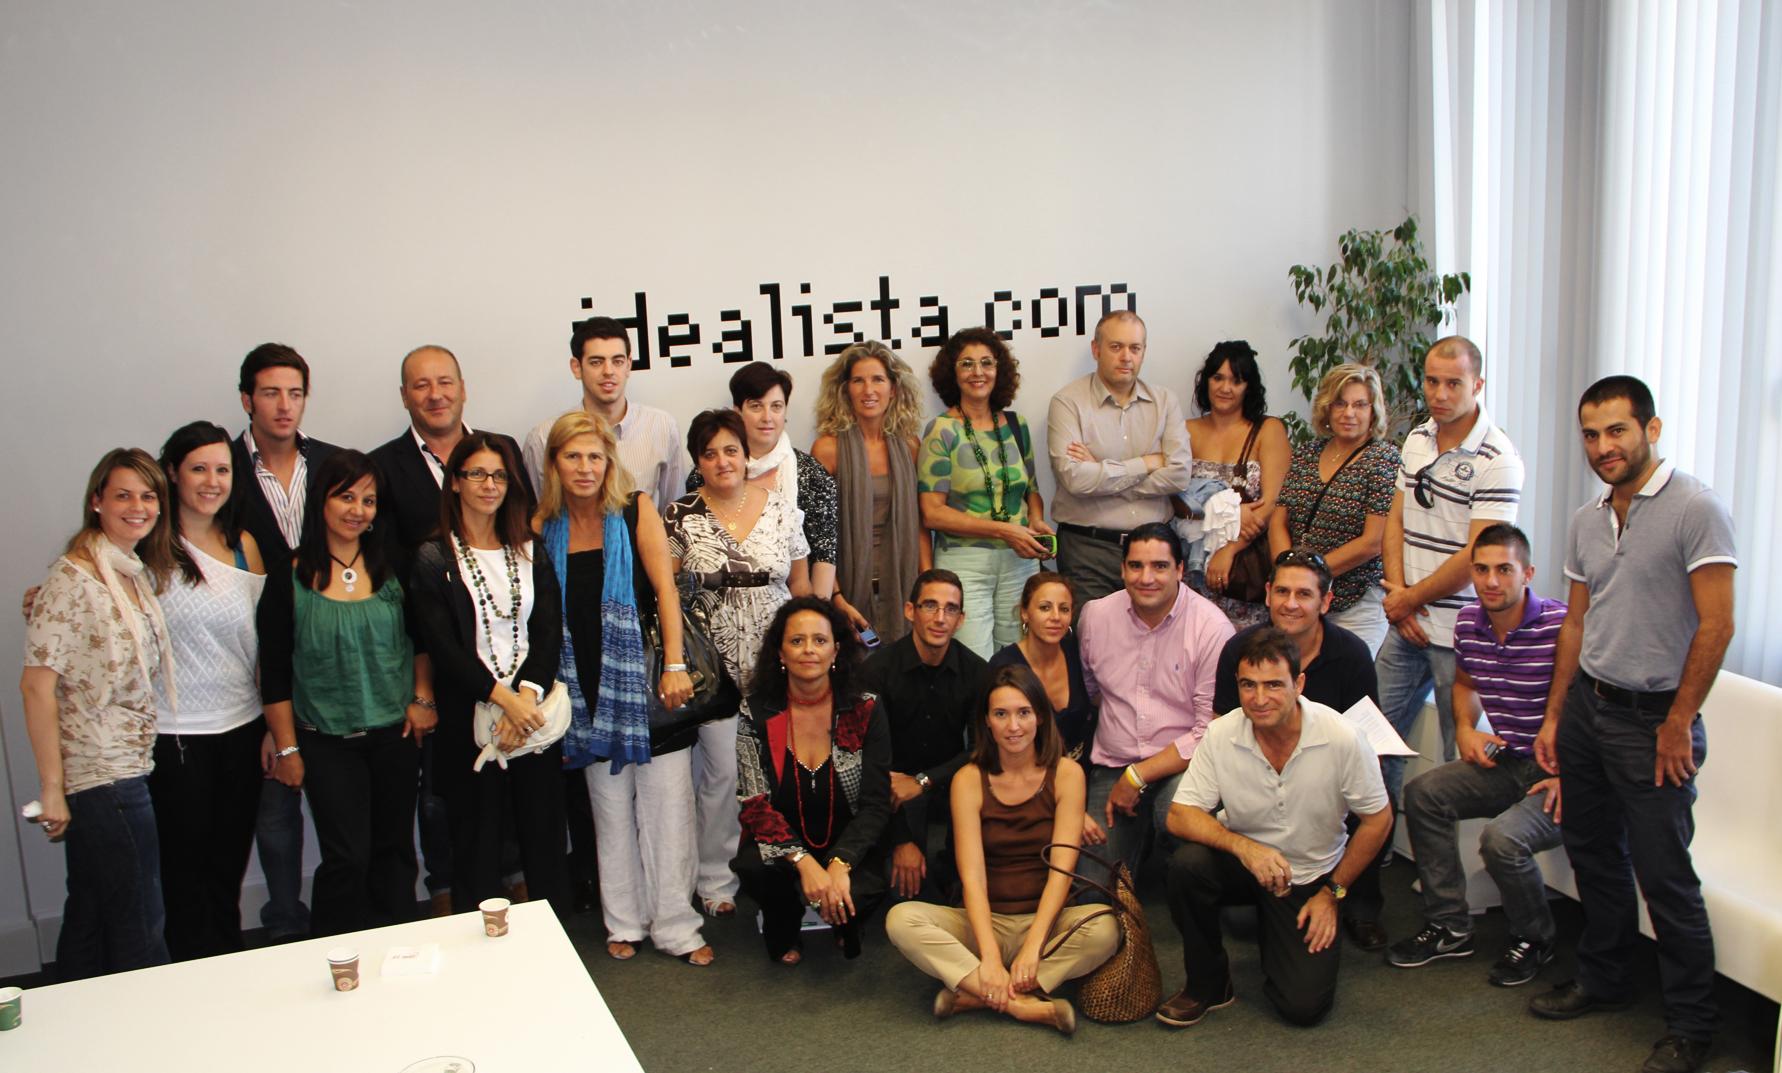 foto de familia del curso de idealista en 2012 en barcelona